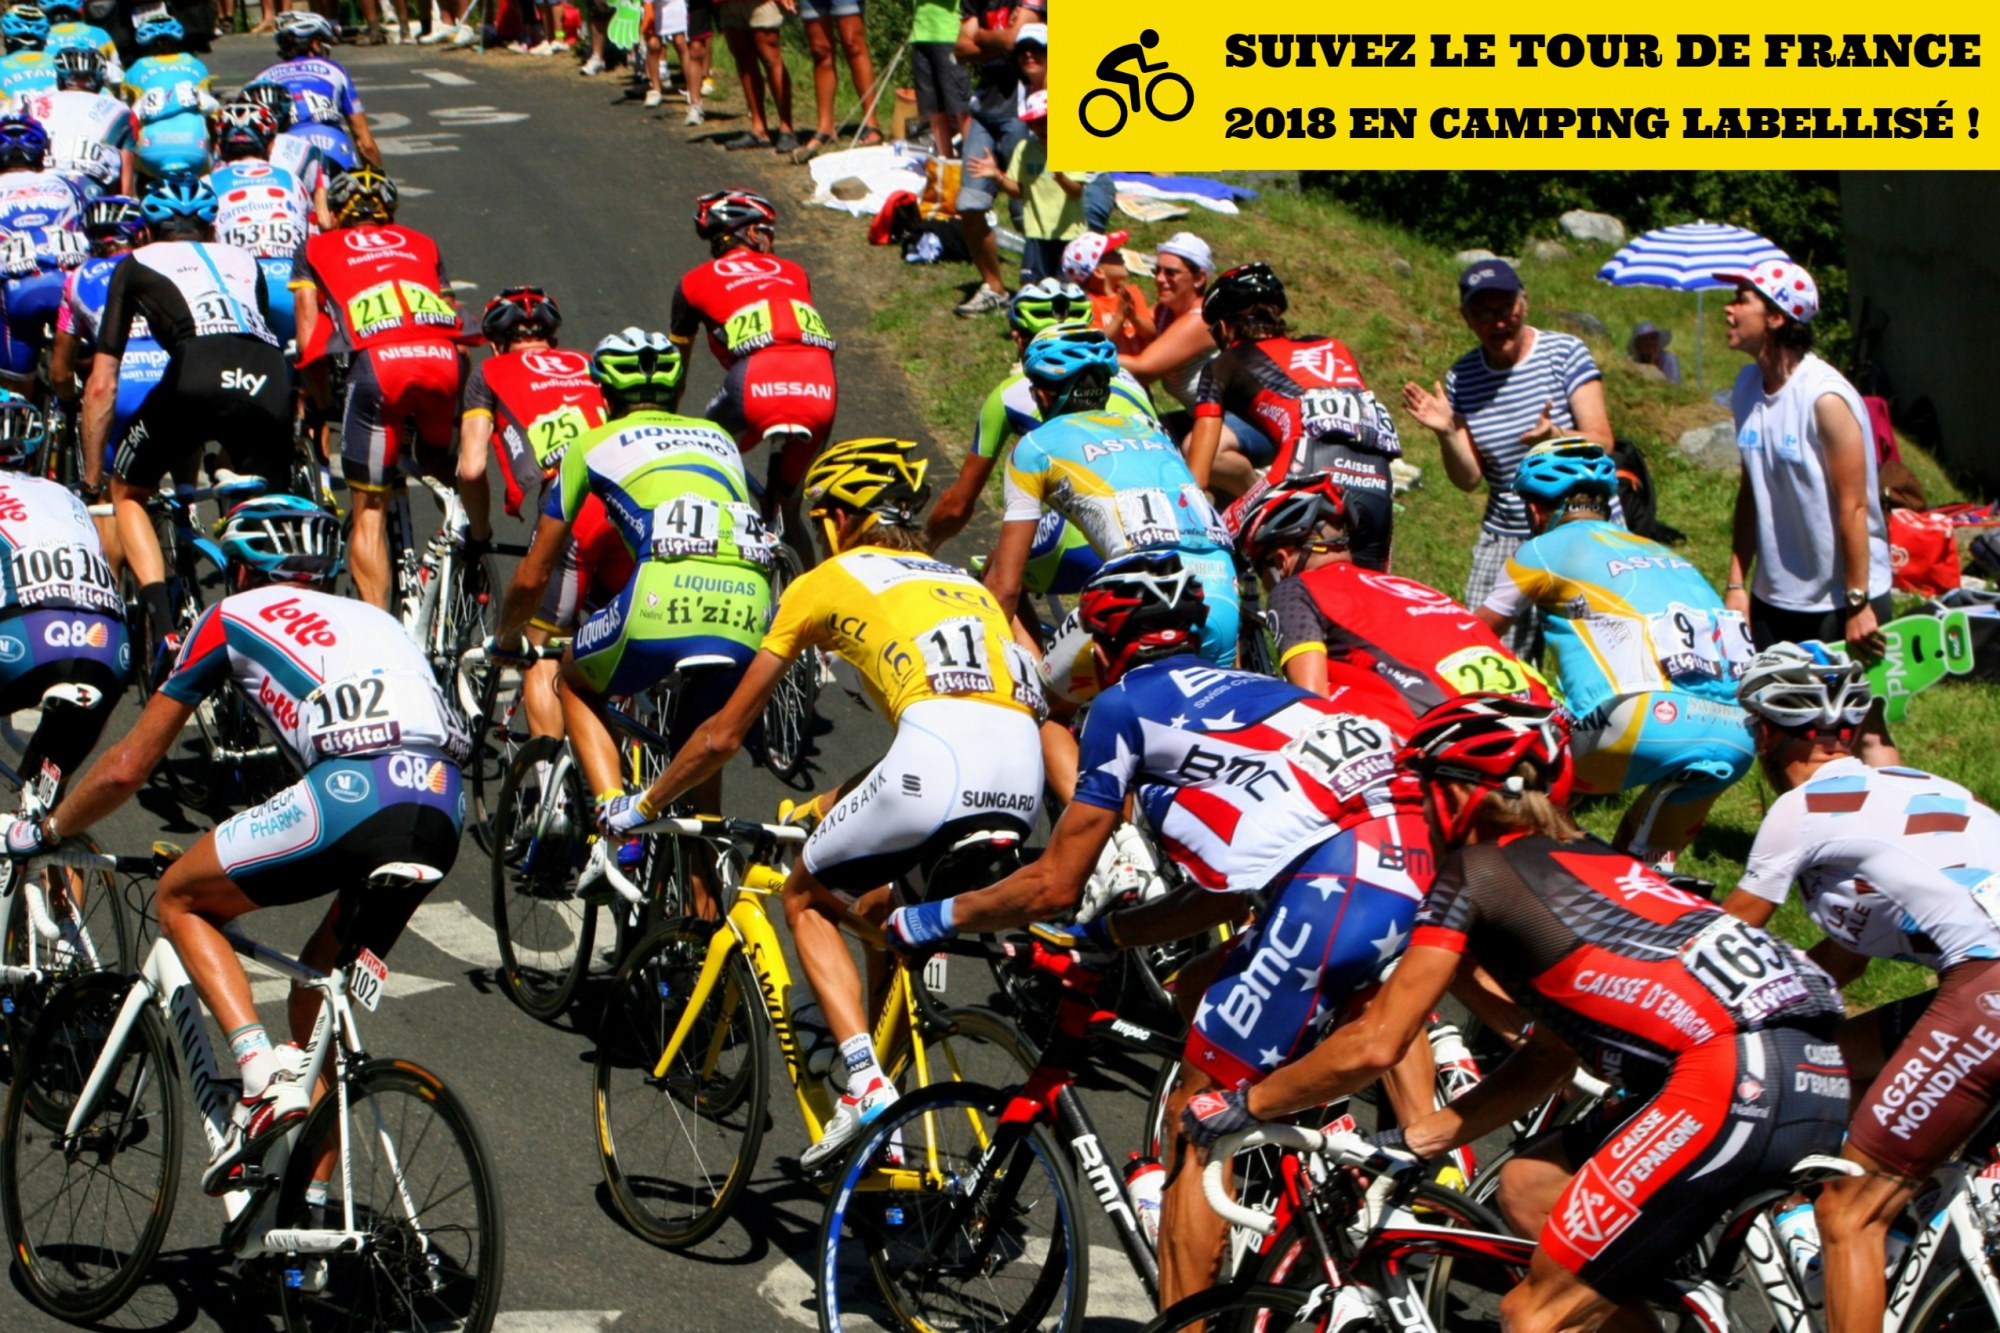 Suivez le Tour de France 2018 en camping labellisé !